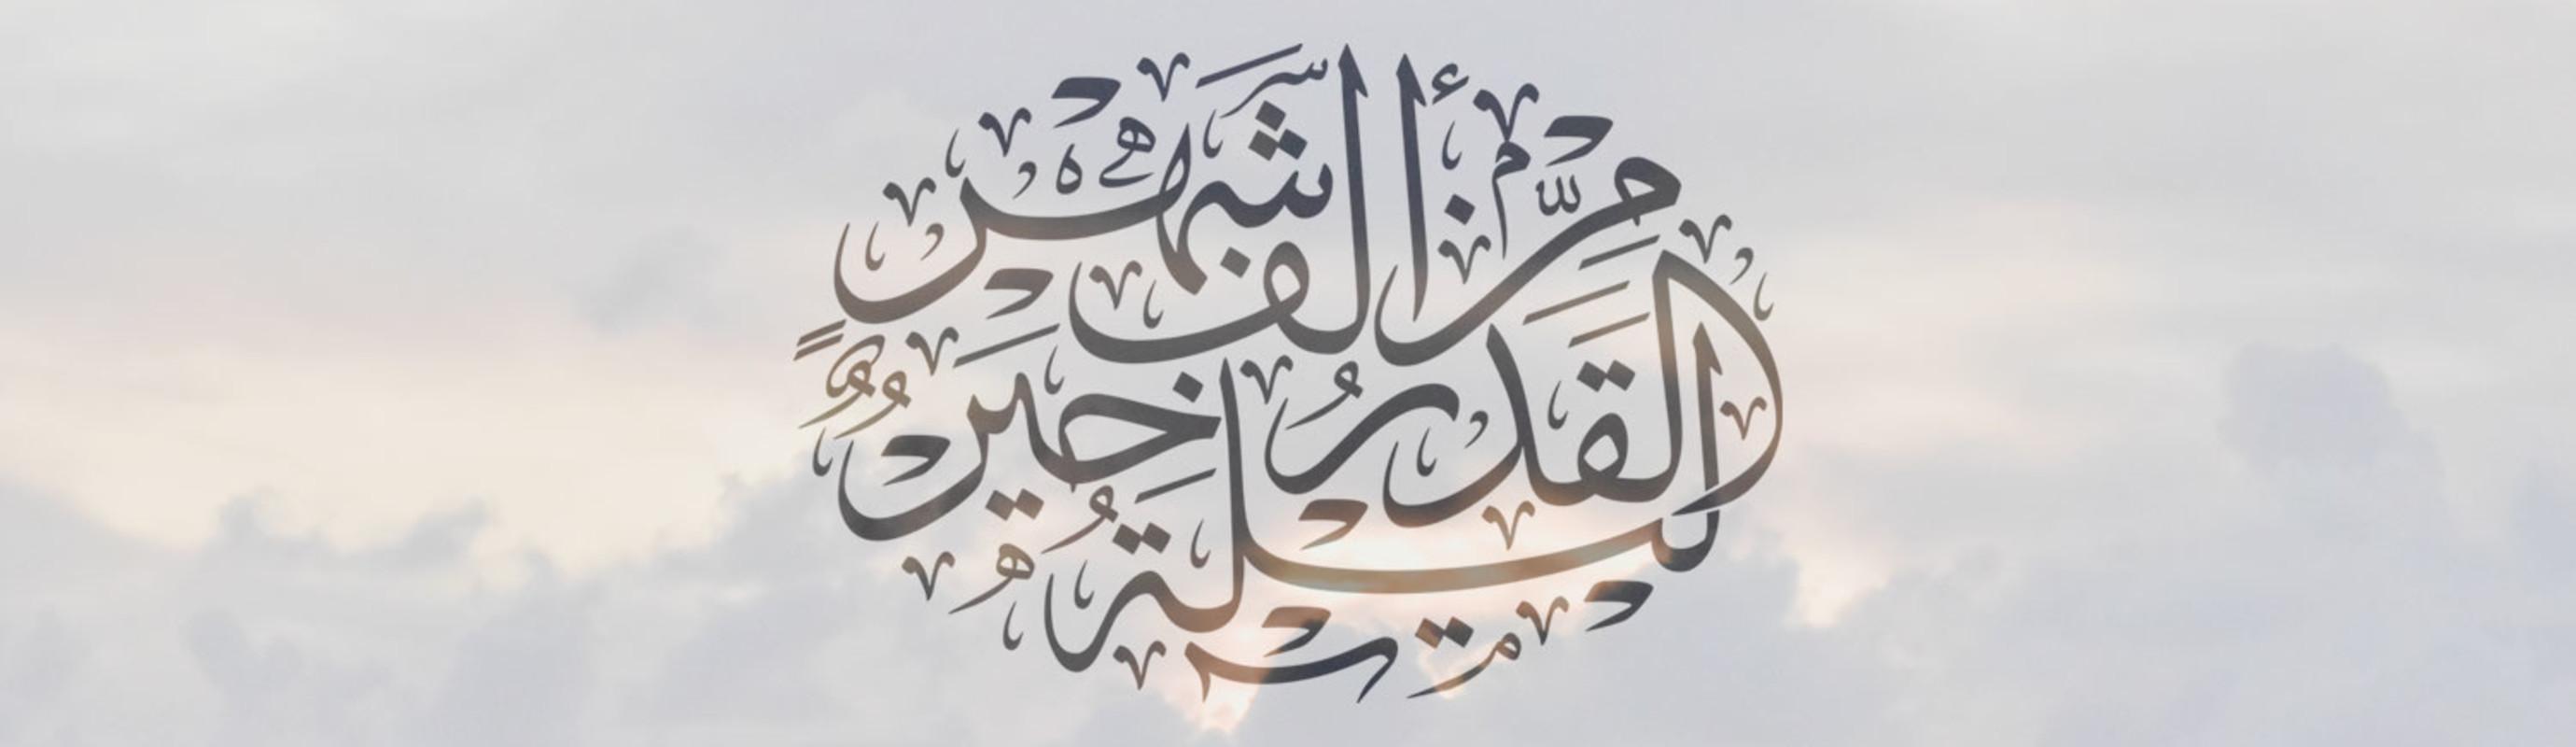 Eerste nacht van Ahia, de  vooravond van 19 Ramadhan, een mogelijke Laylat al-Qadr, opname van het programma.